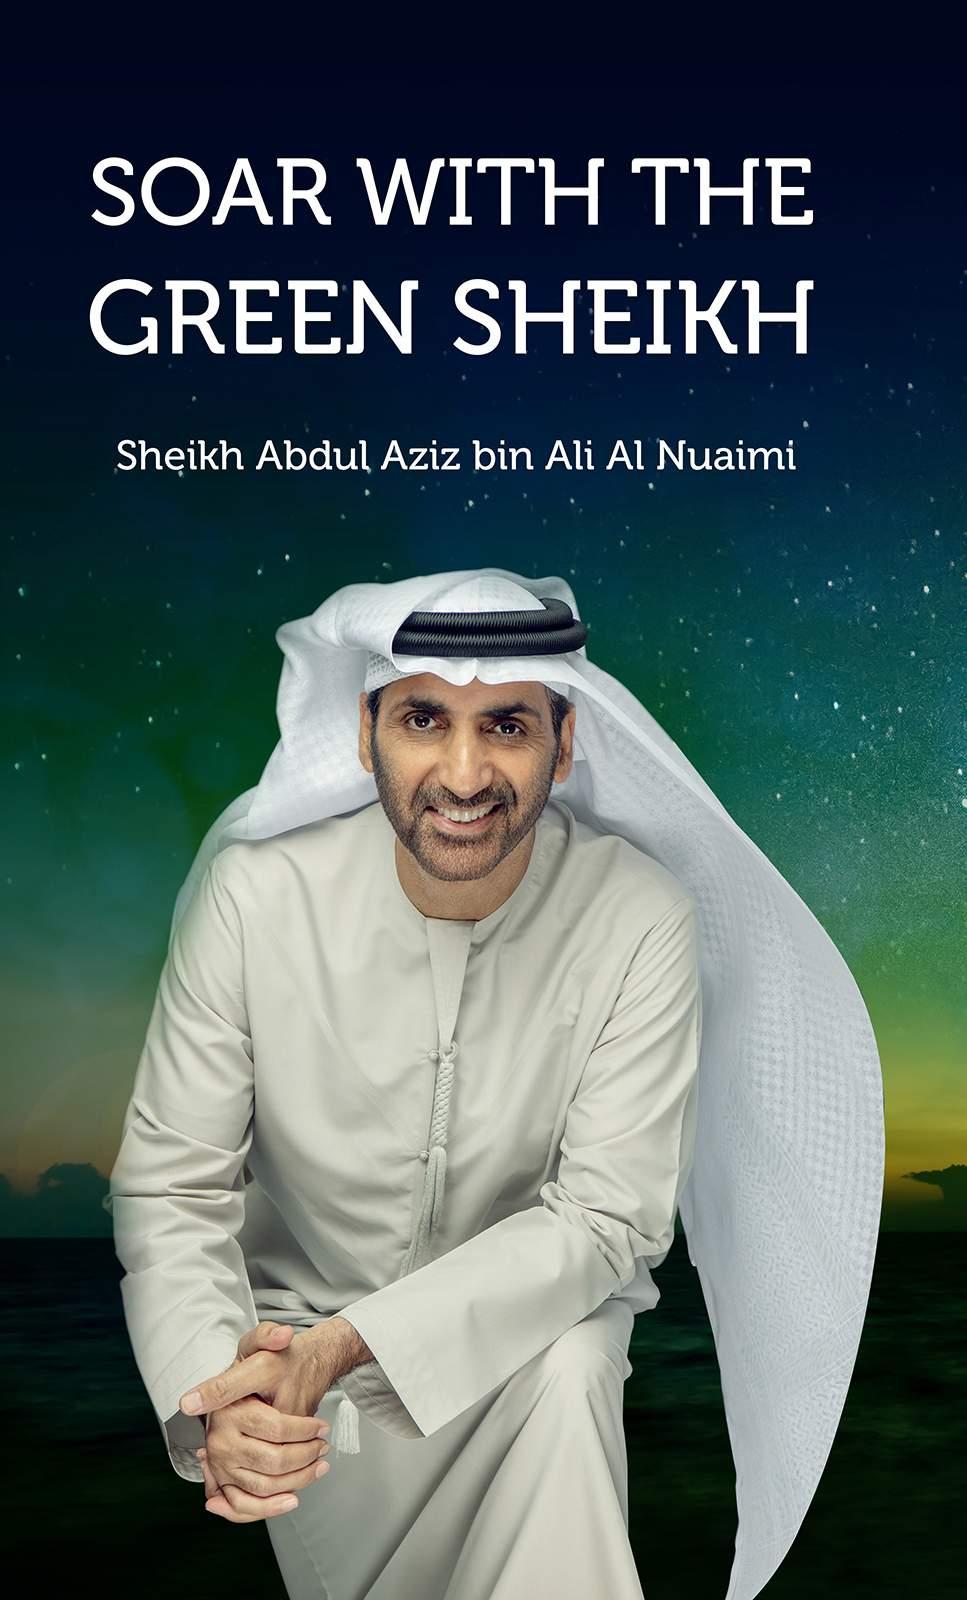 حلّق مع الشيخ الأخضر